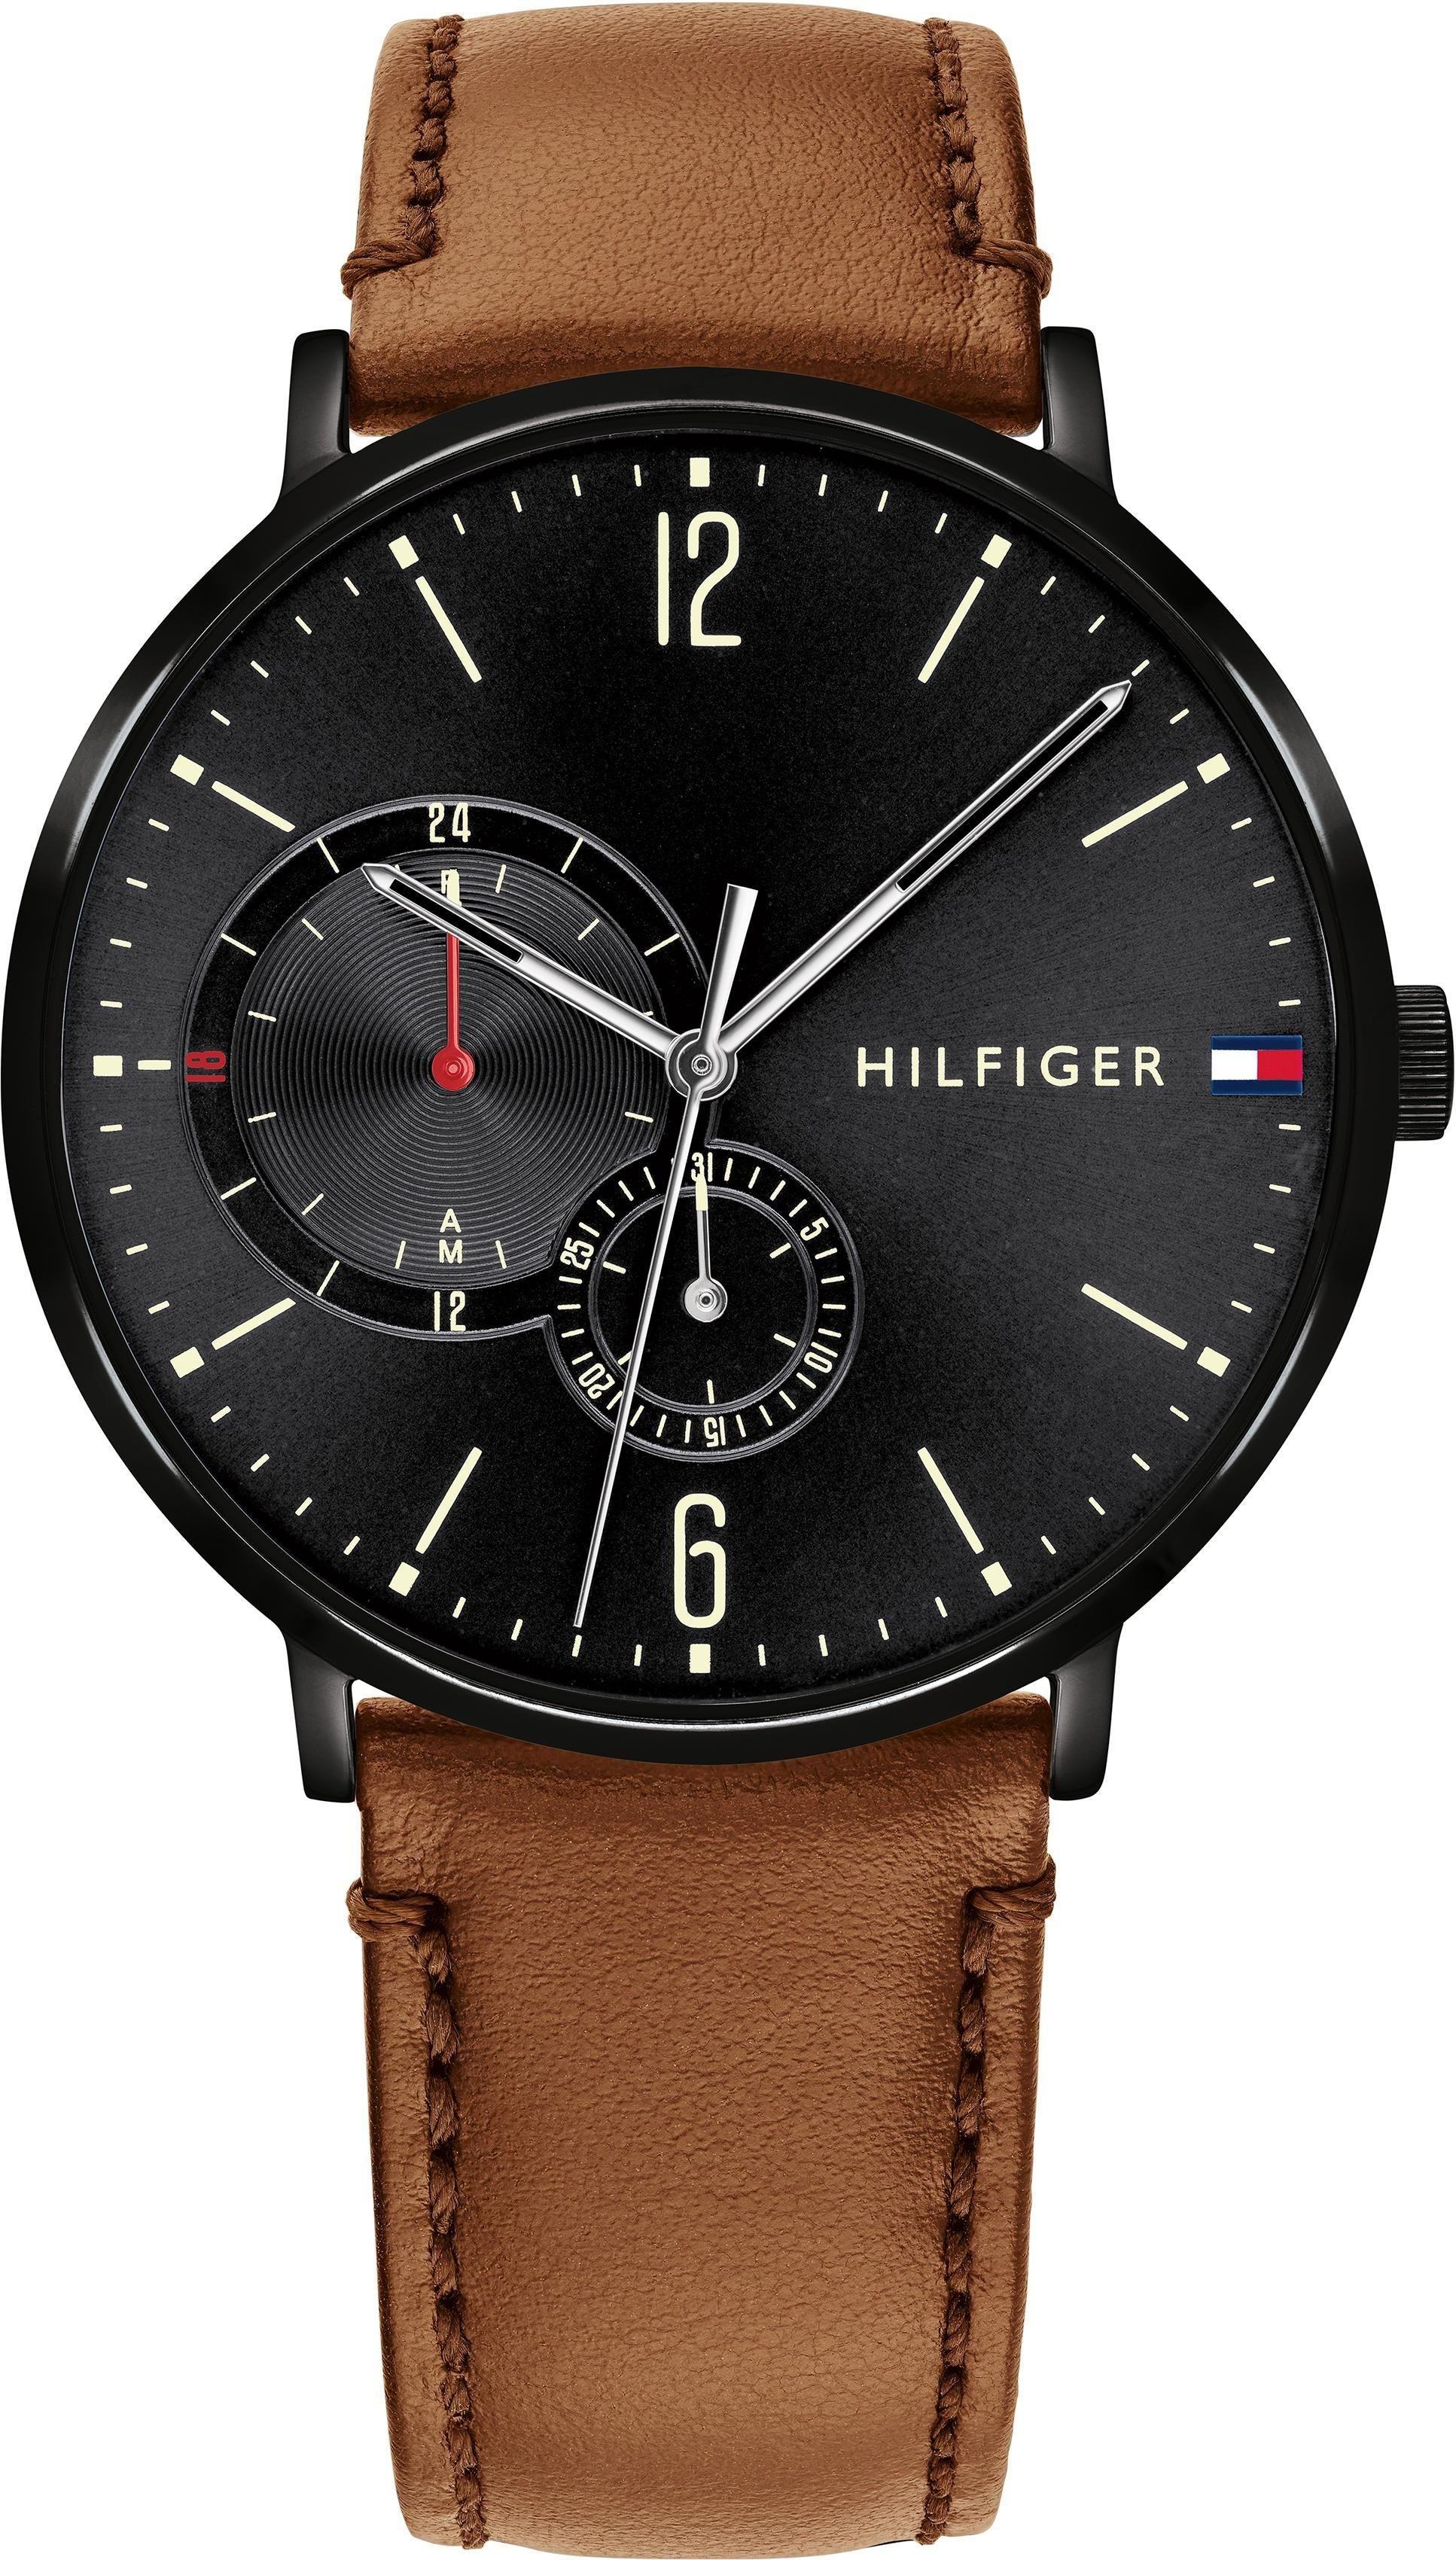 Tommy Hilfiger Multifunktionsuhr Casual 1791510 Kaufen In 2020 Tommy Hilfiger Watches Fancy Watches Watches For Men